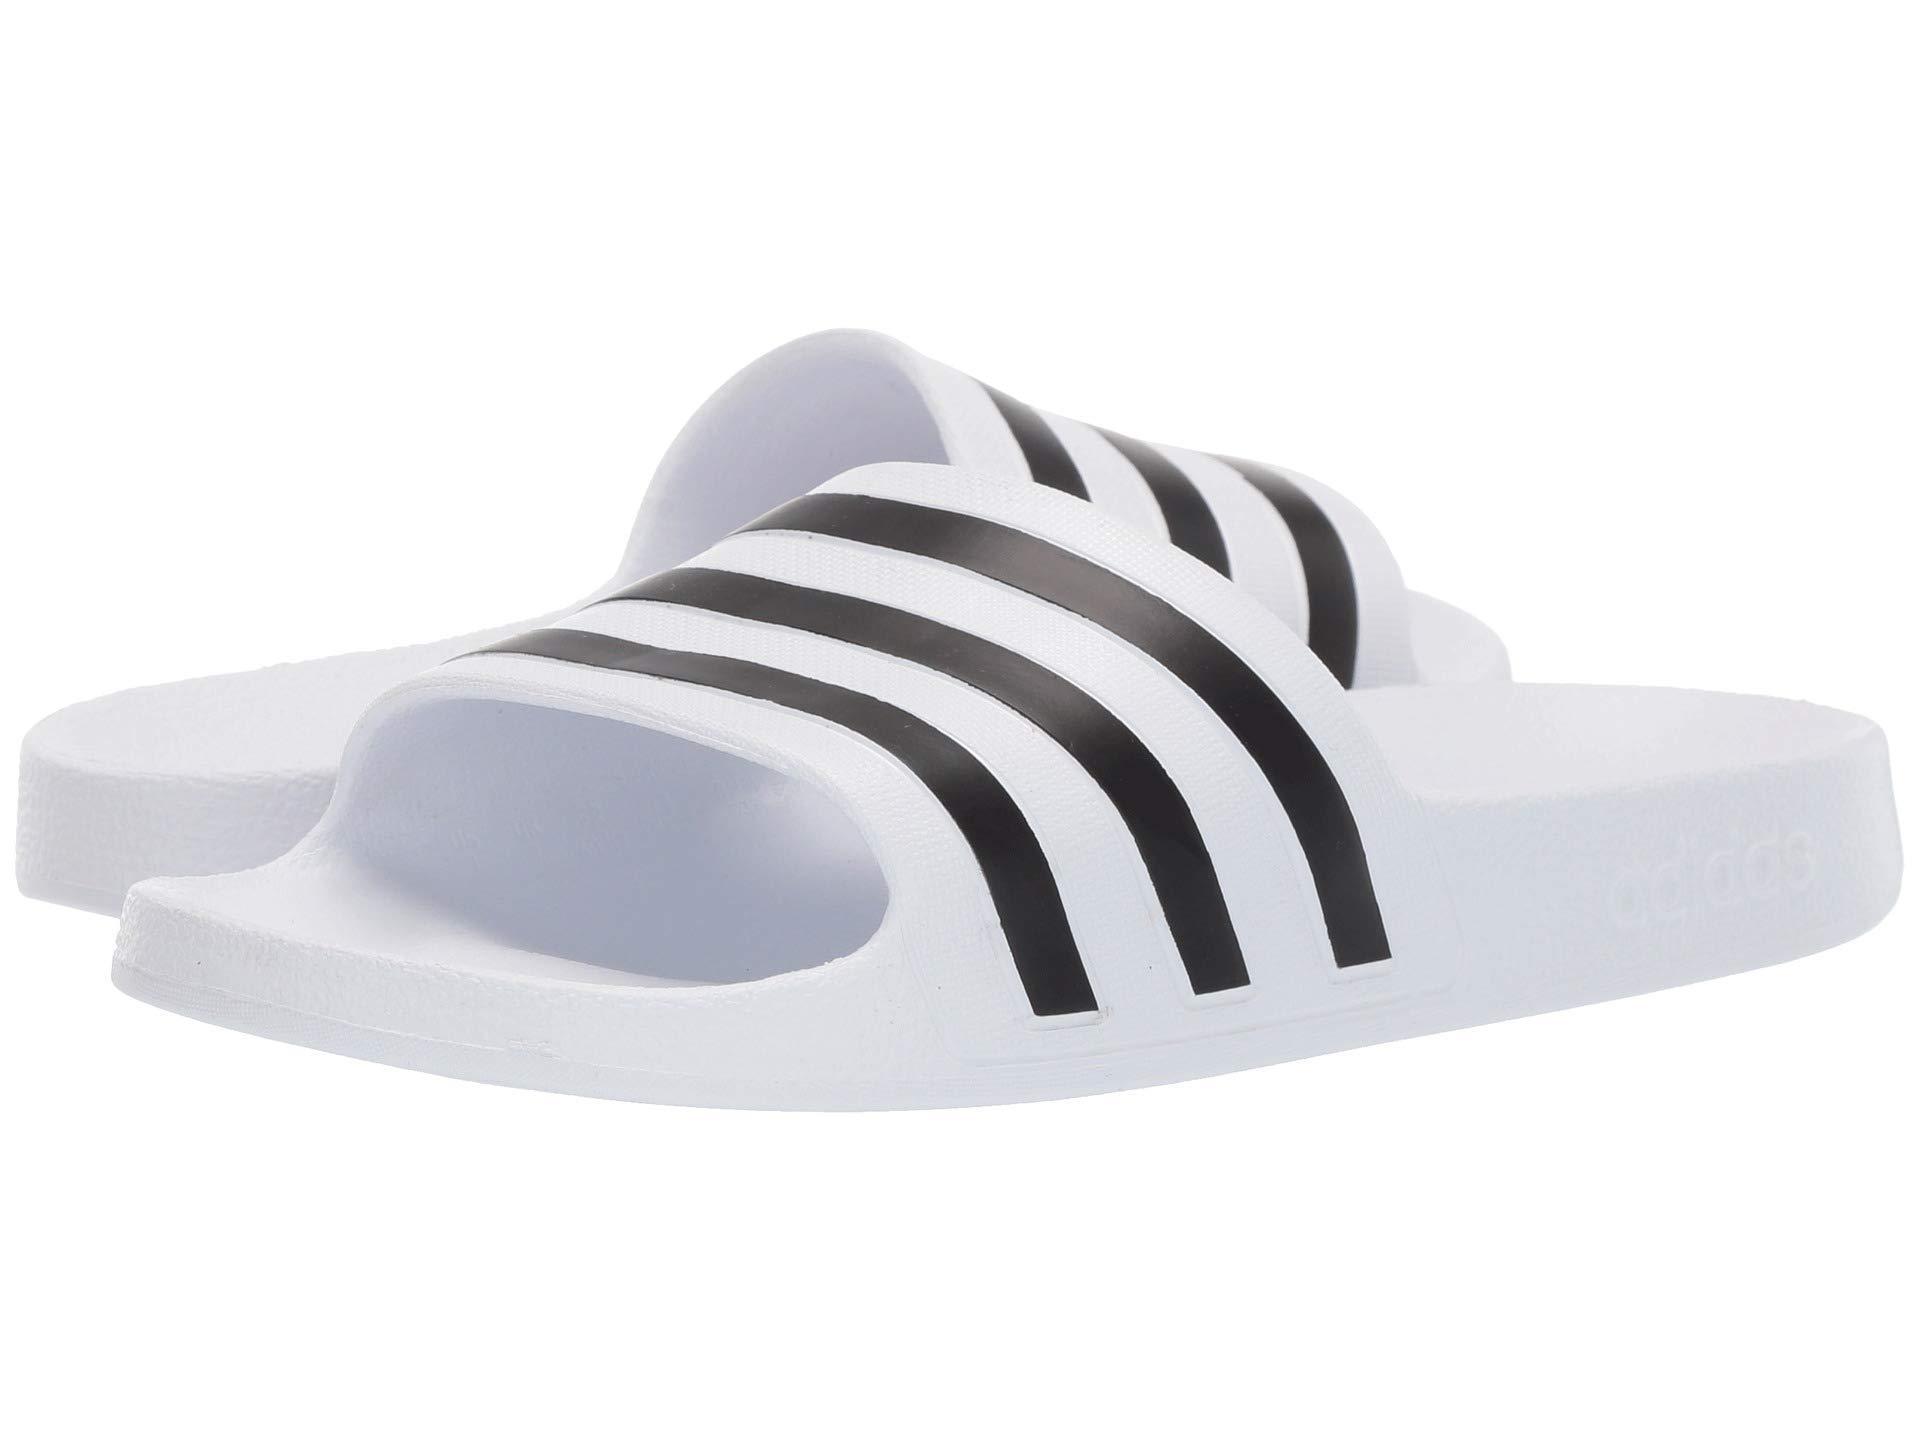 dcdd82ed9c17 Lyst - adidas Adilette Aqua (footwear White core Black footwear ...